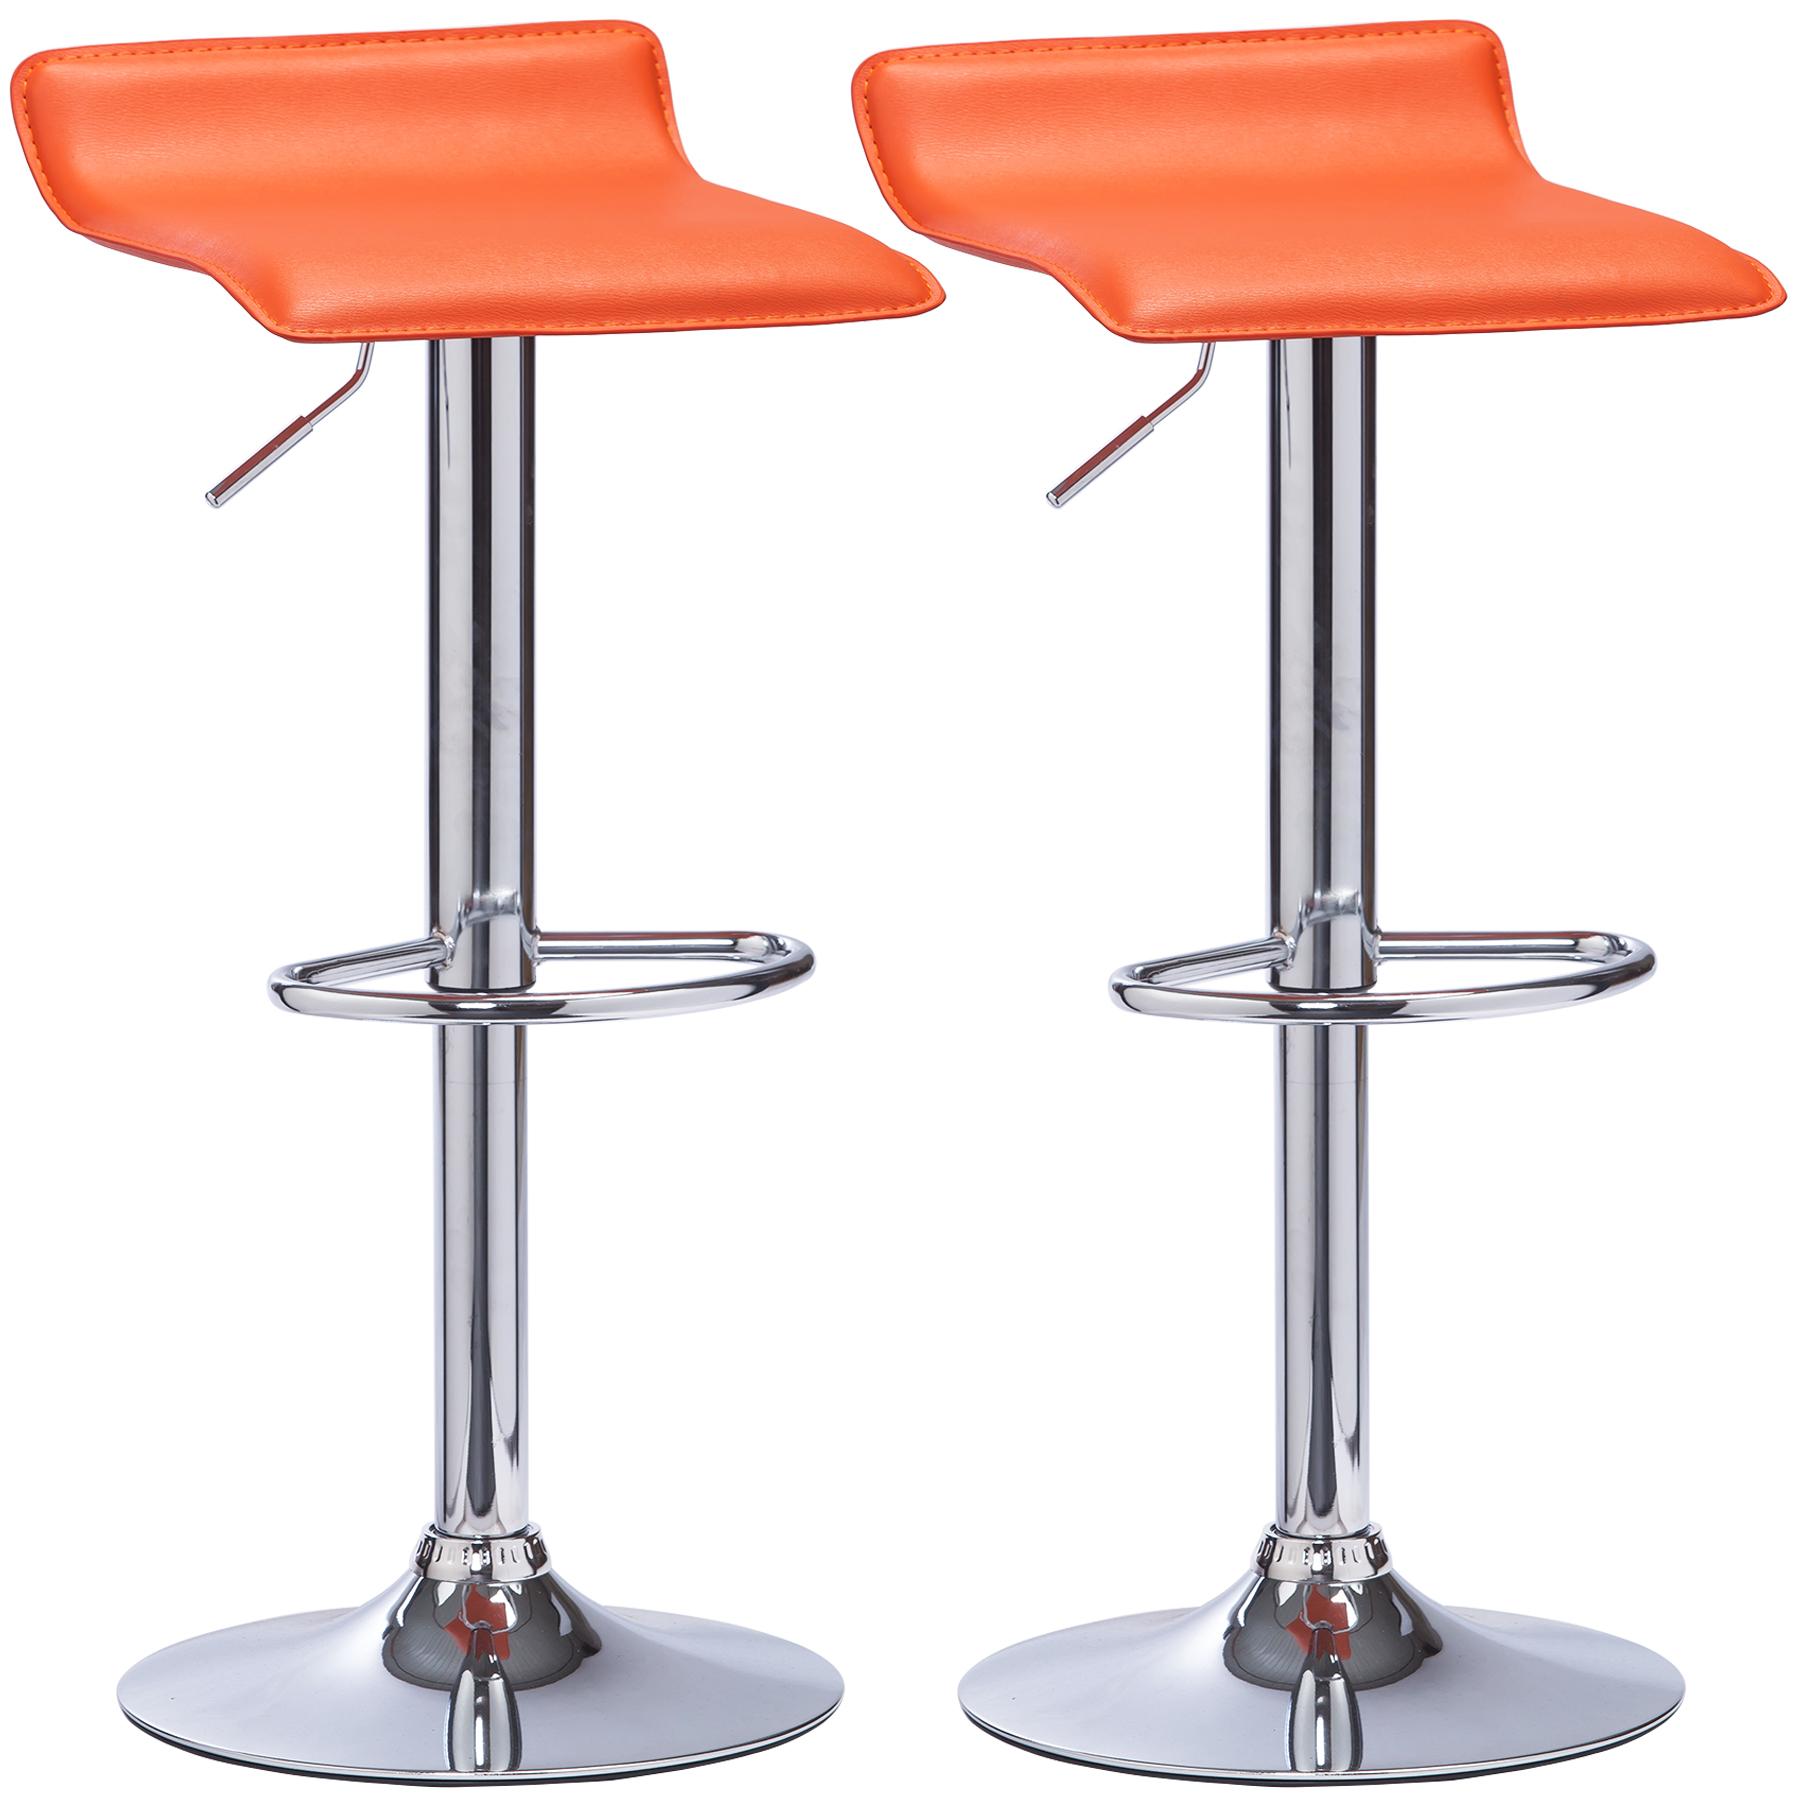 tabouret de bar pivotant 360 lot de 2 en pu 1 fauteuil chaise longue f050 ebay. Black Bedroom Furniture Sets. Home Design Ideas